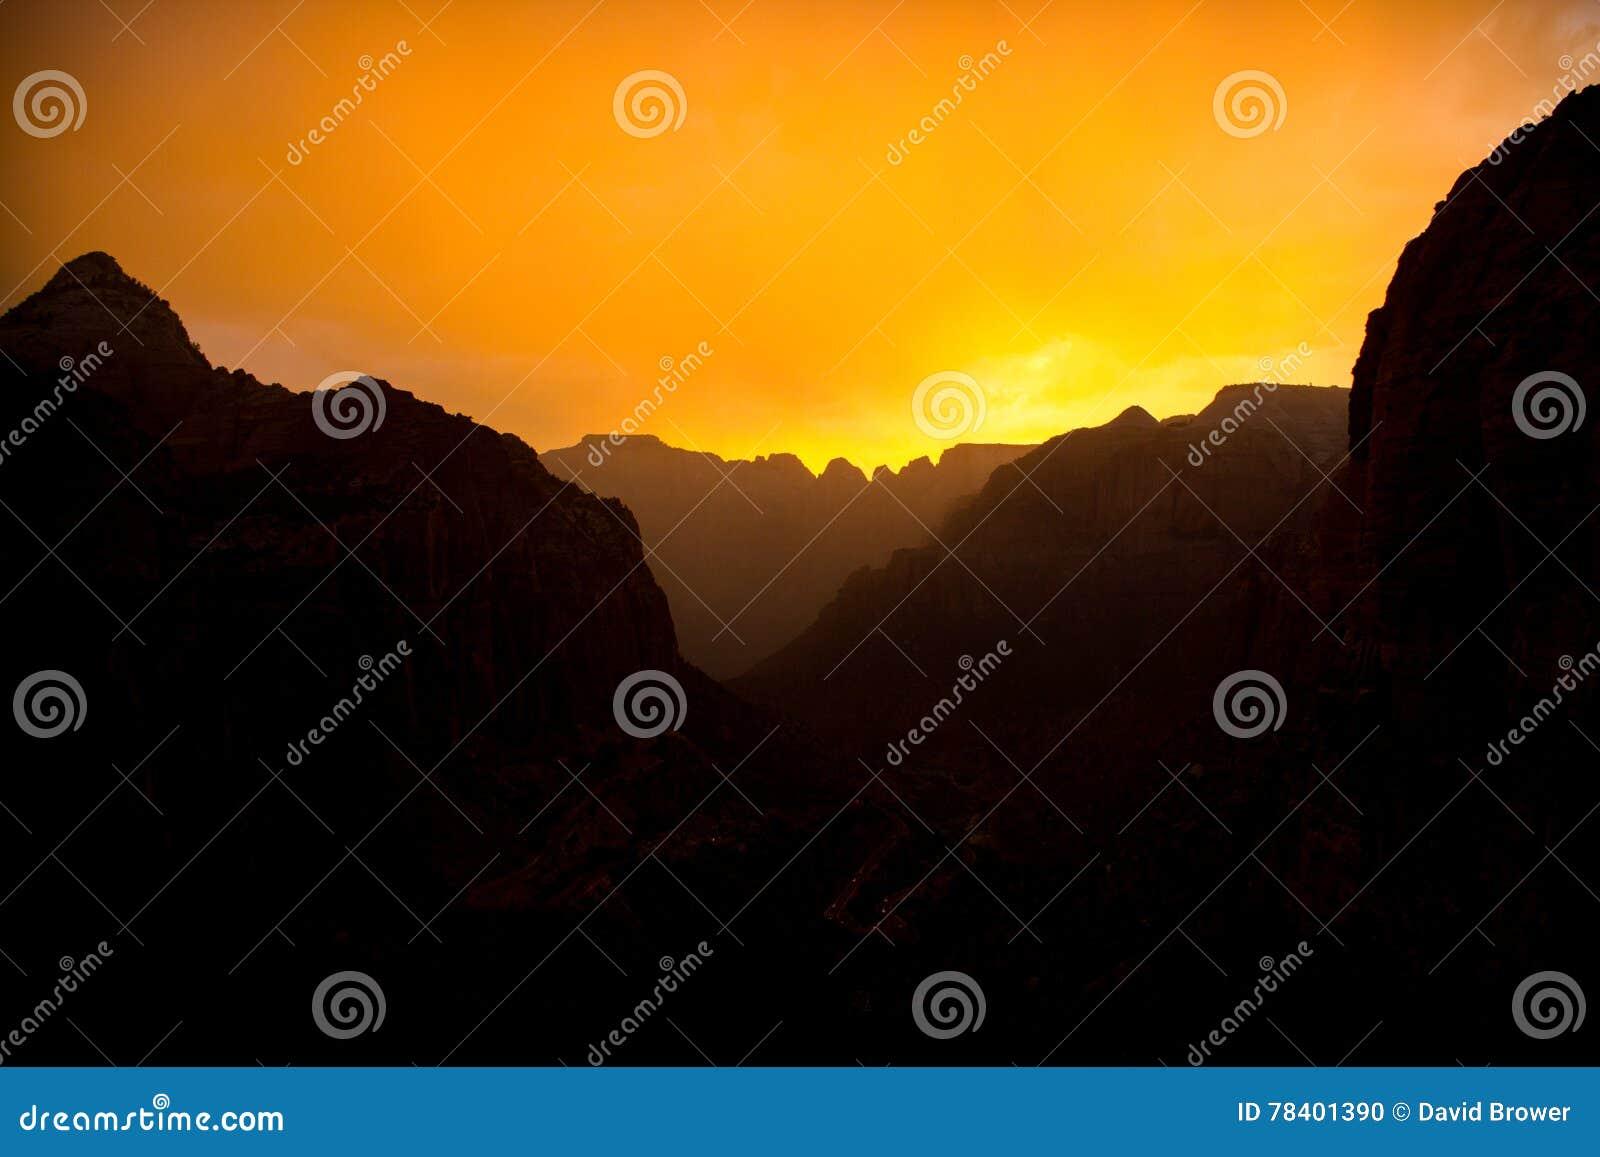 Zonsondergangsilhouet